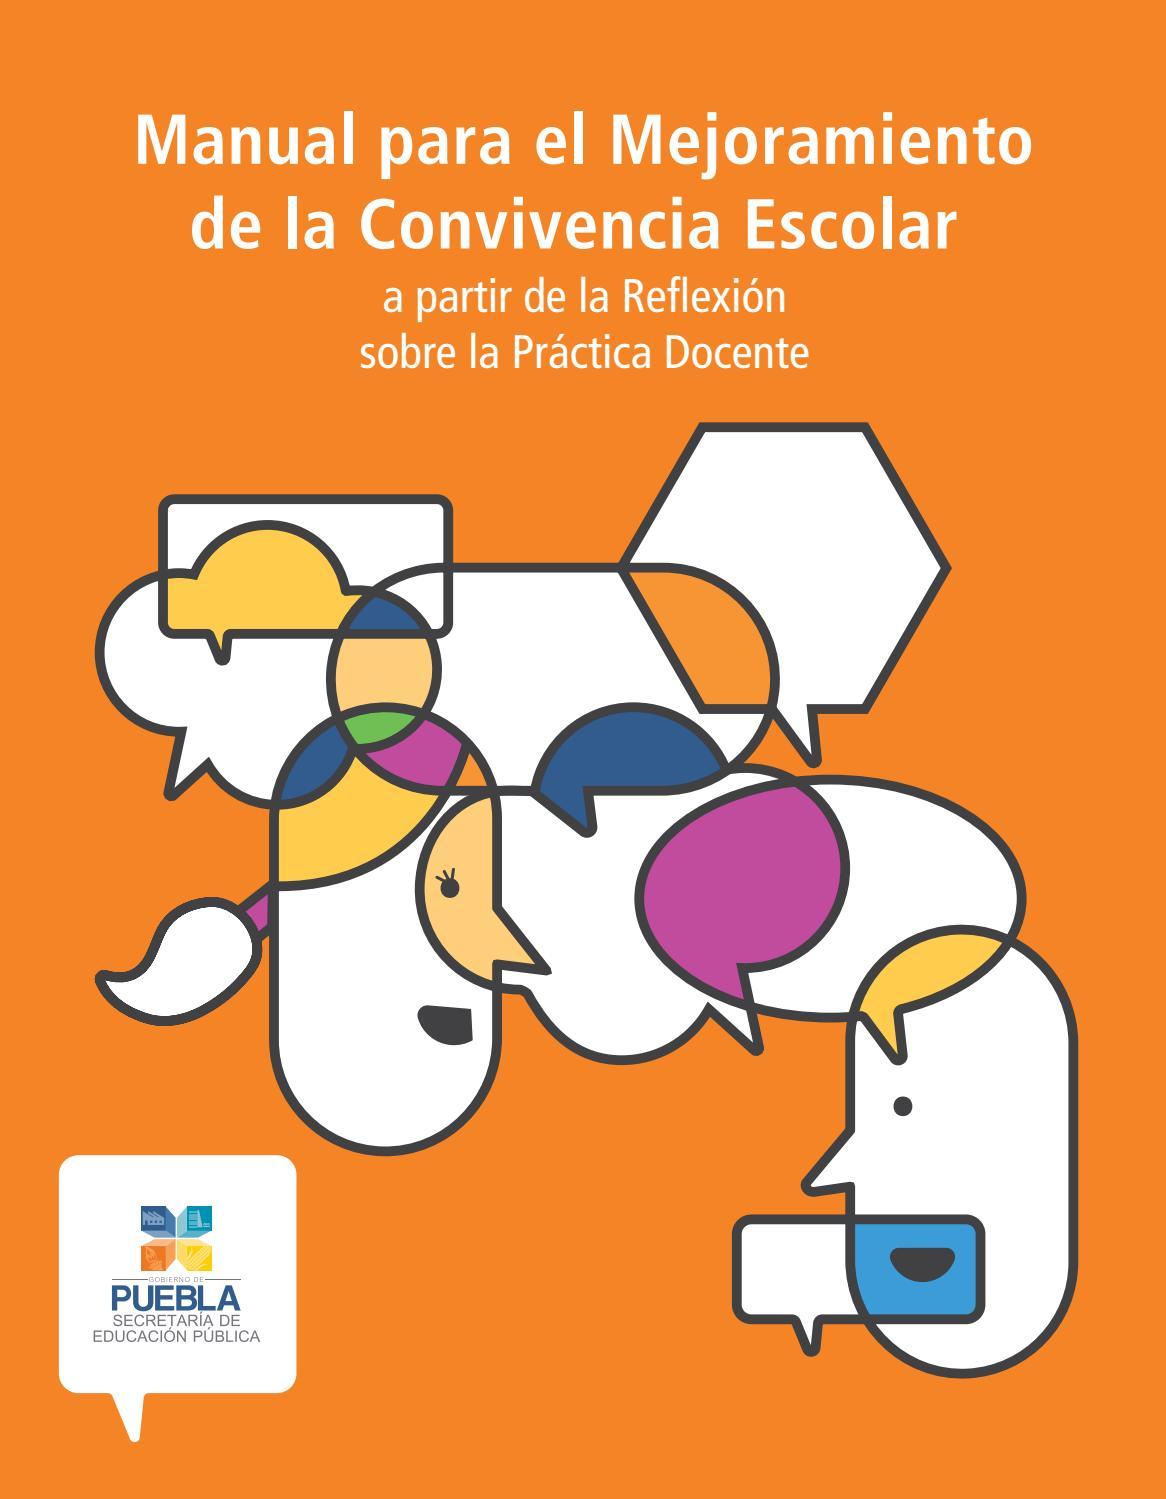 Manual Para El Mejoramiento De La Convivencia Escolar By